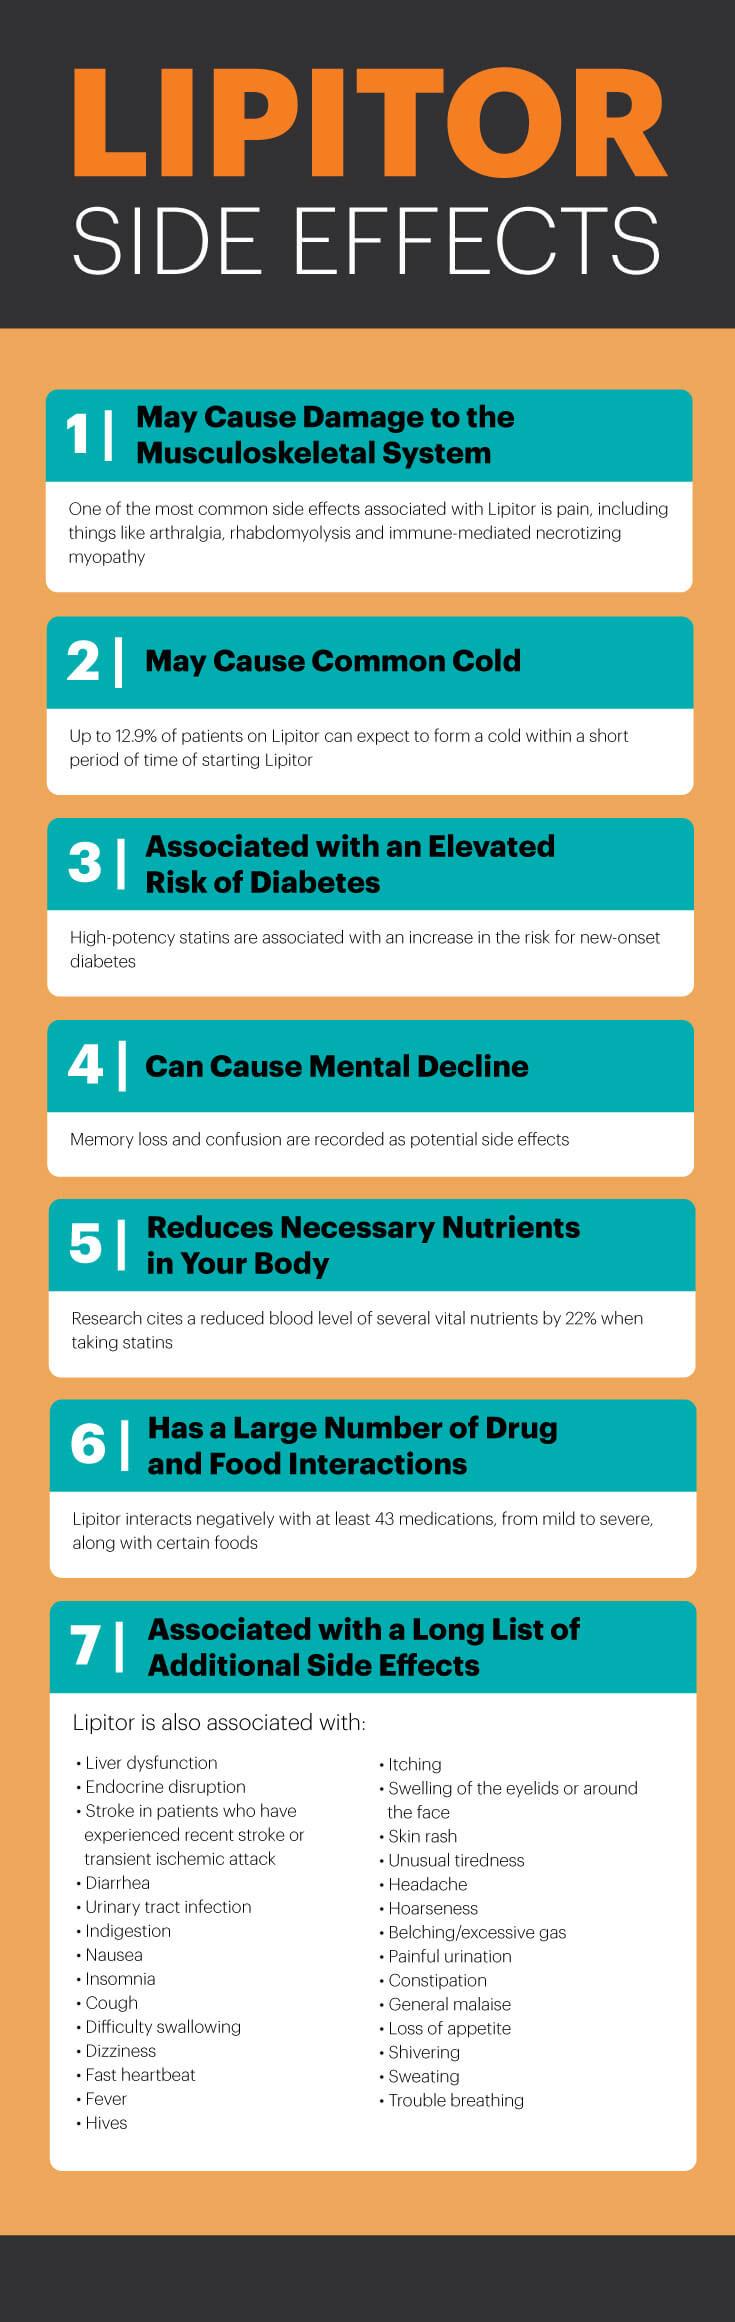 Lipitor side effects - MKexpress.net